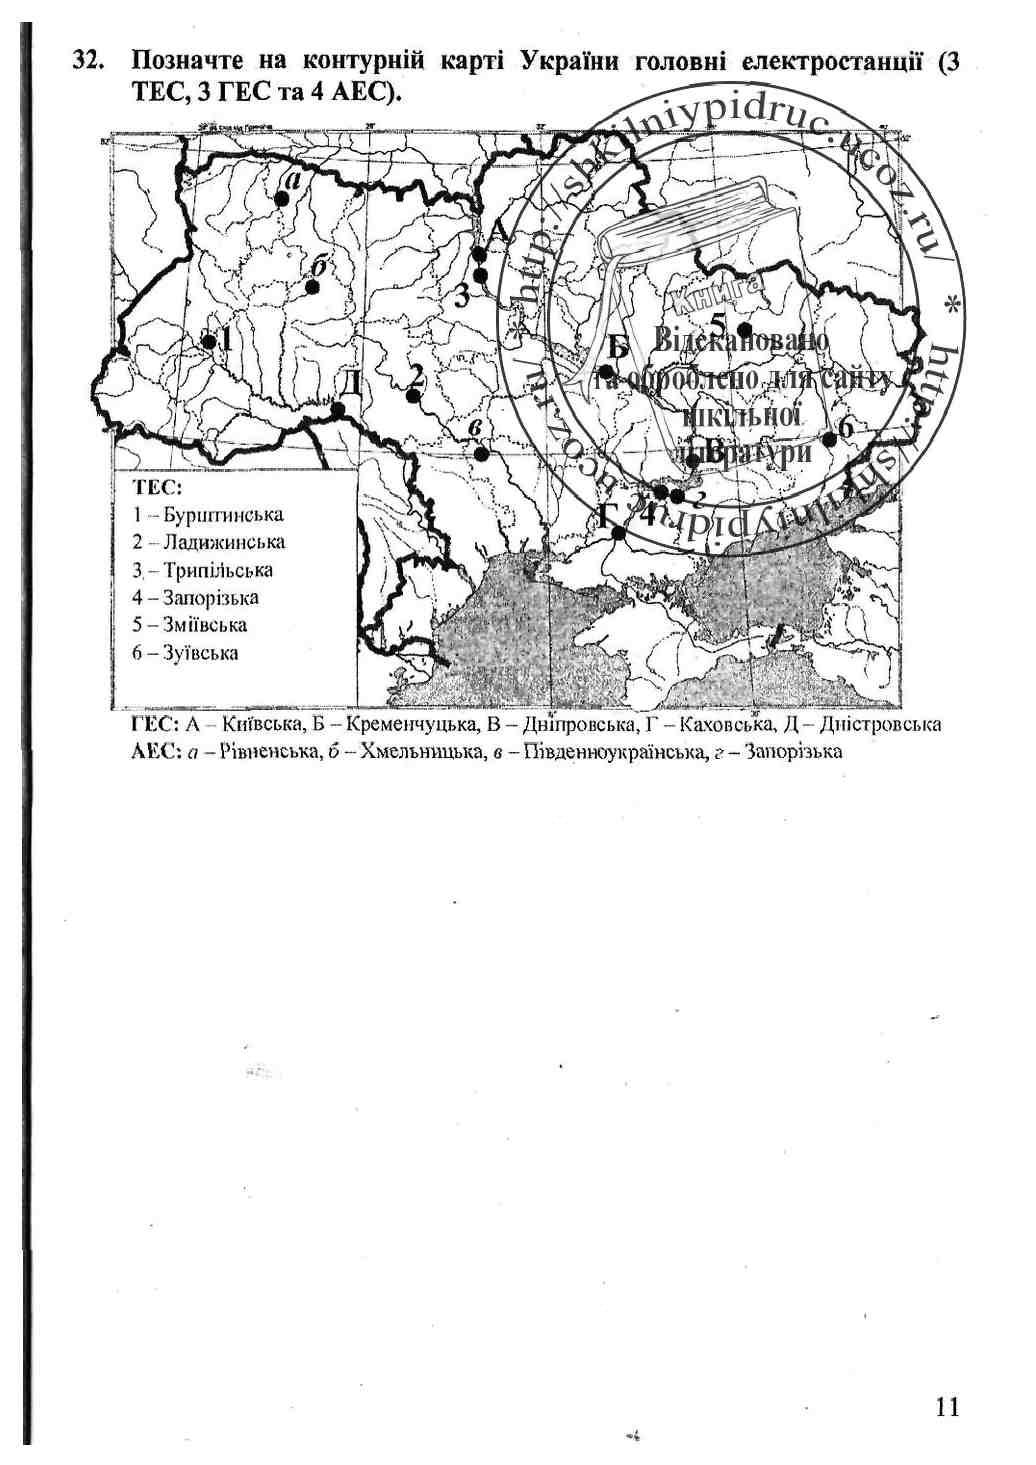 9 дпа география решебник